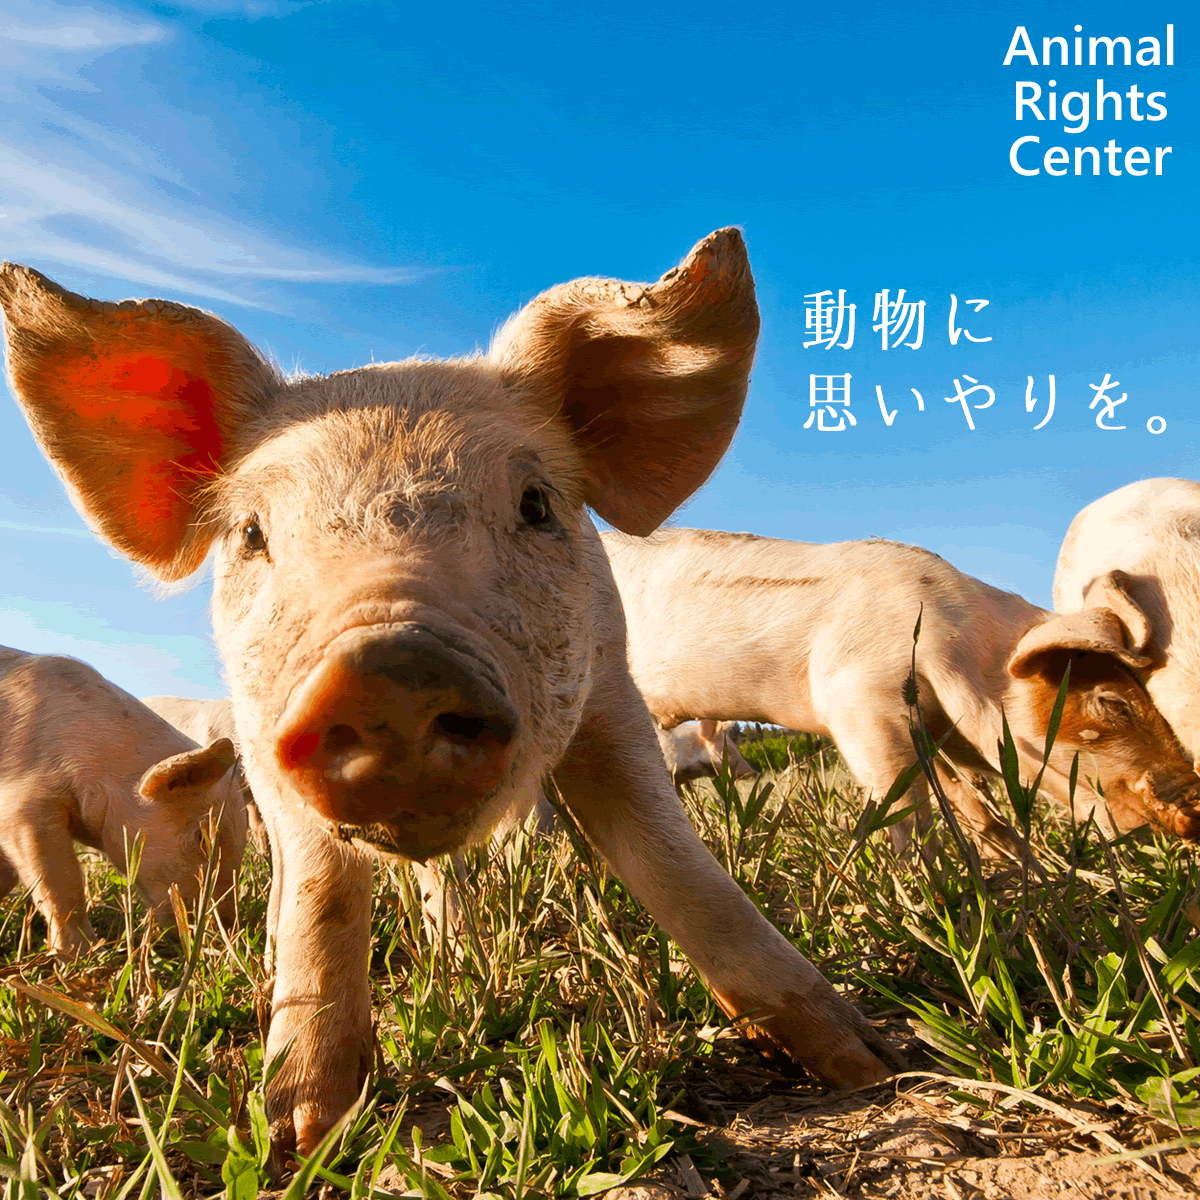 内部告発-フクロウカフェ | NPO法人アニマルライツセンター 毛皮、動物実験、工場畜産、犬猫等の虐待的飼育をなくしエシカルな社会へ